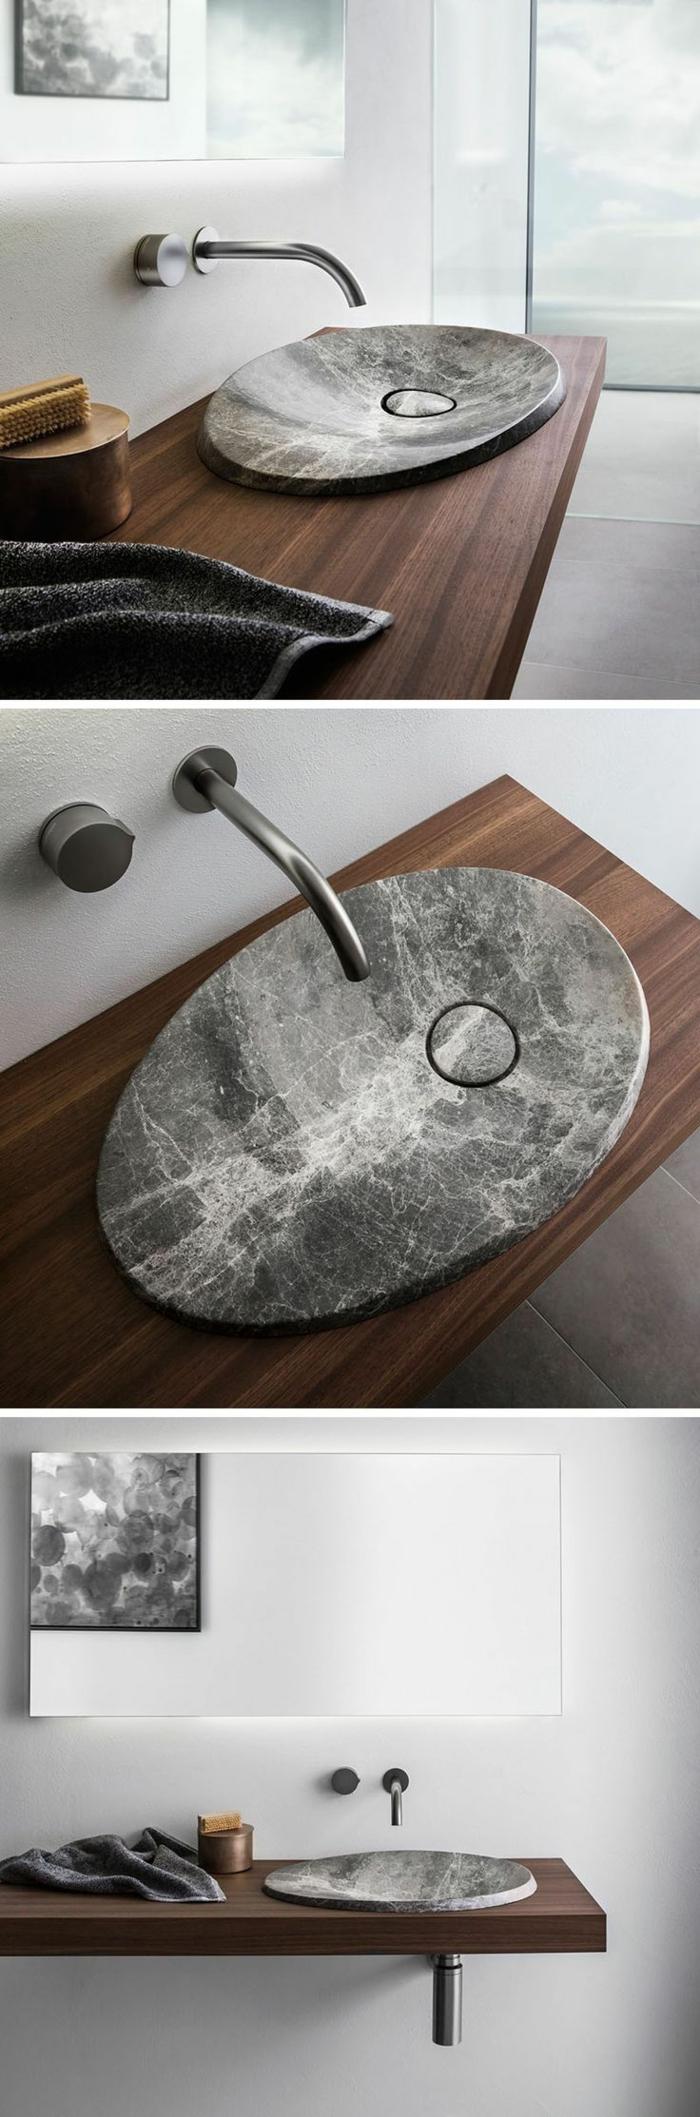 1001 ideas de muebles de ba o modernos espectaculares - Muebles de bano originales ...